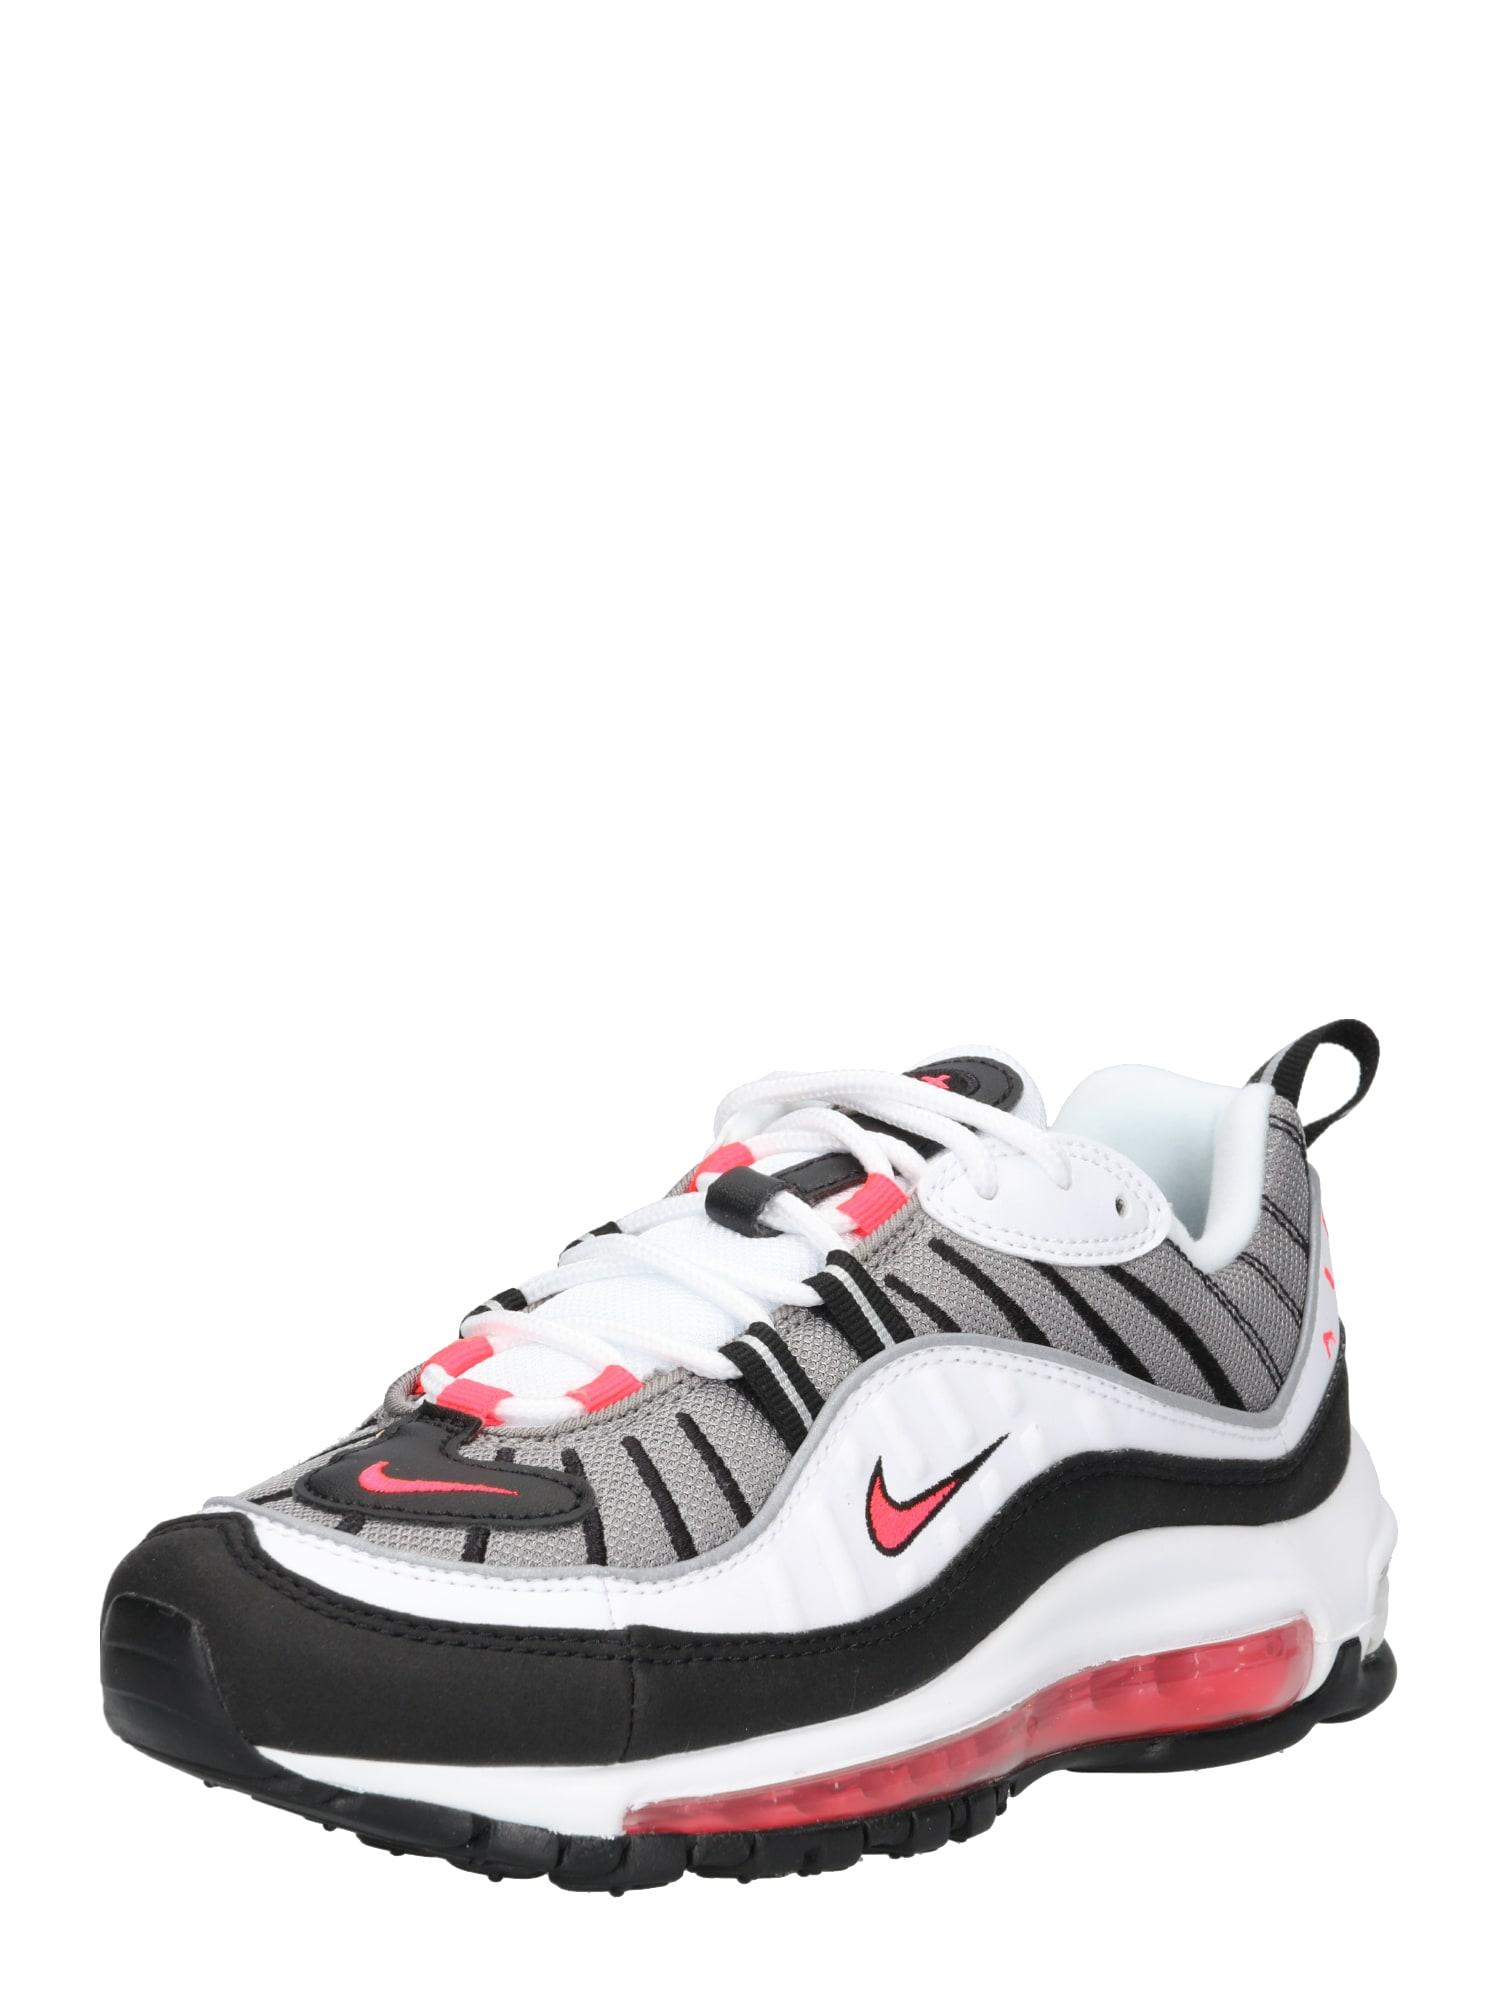 Tenisky Womens Nike Air Max 98 Shoe červená černá bílá Nike Sportswear